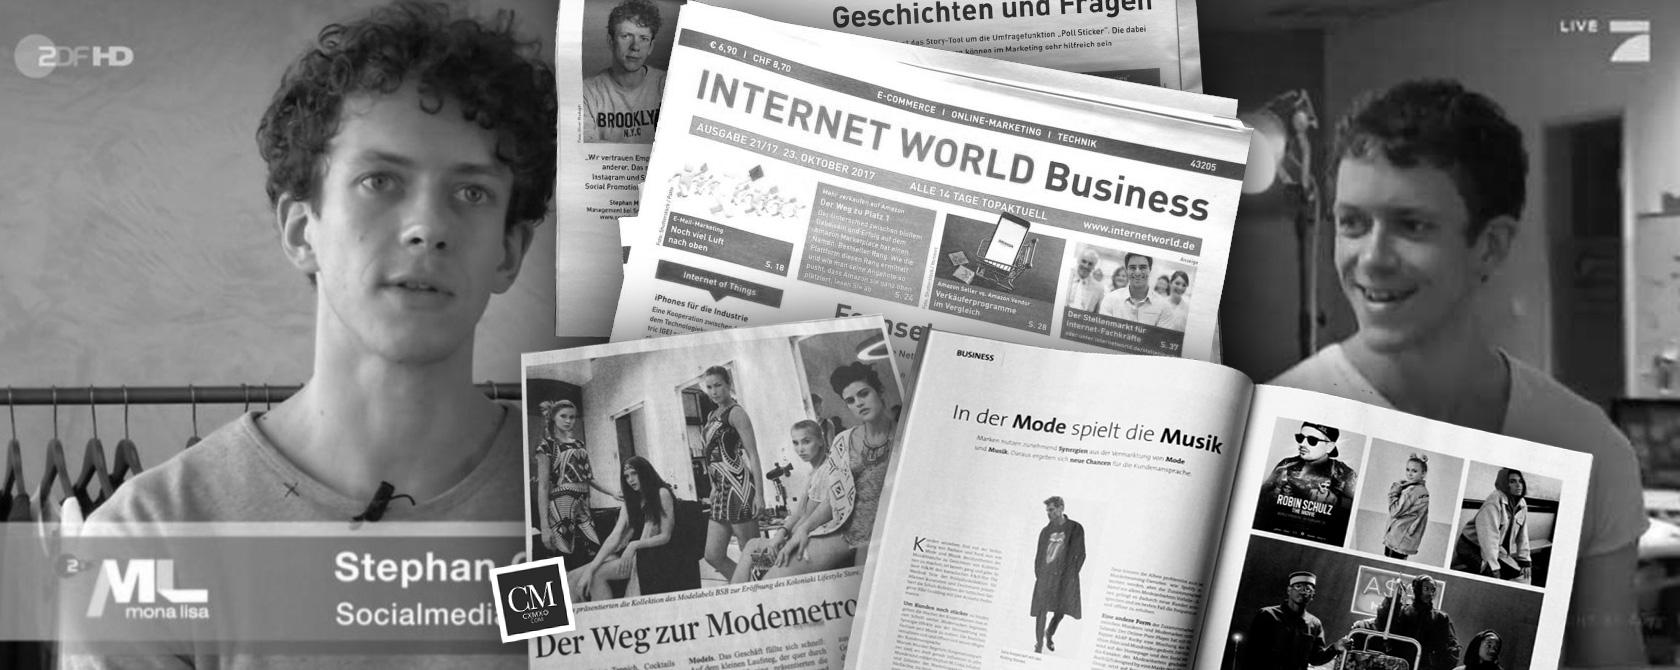 Ekspert på tv, i aviser og som foredragsholder ved arrangementer: Social Media Marketing med Stephan Czaja